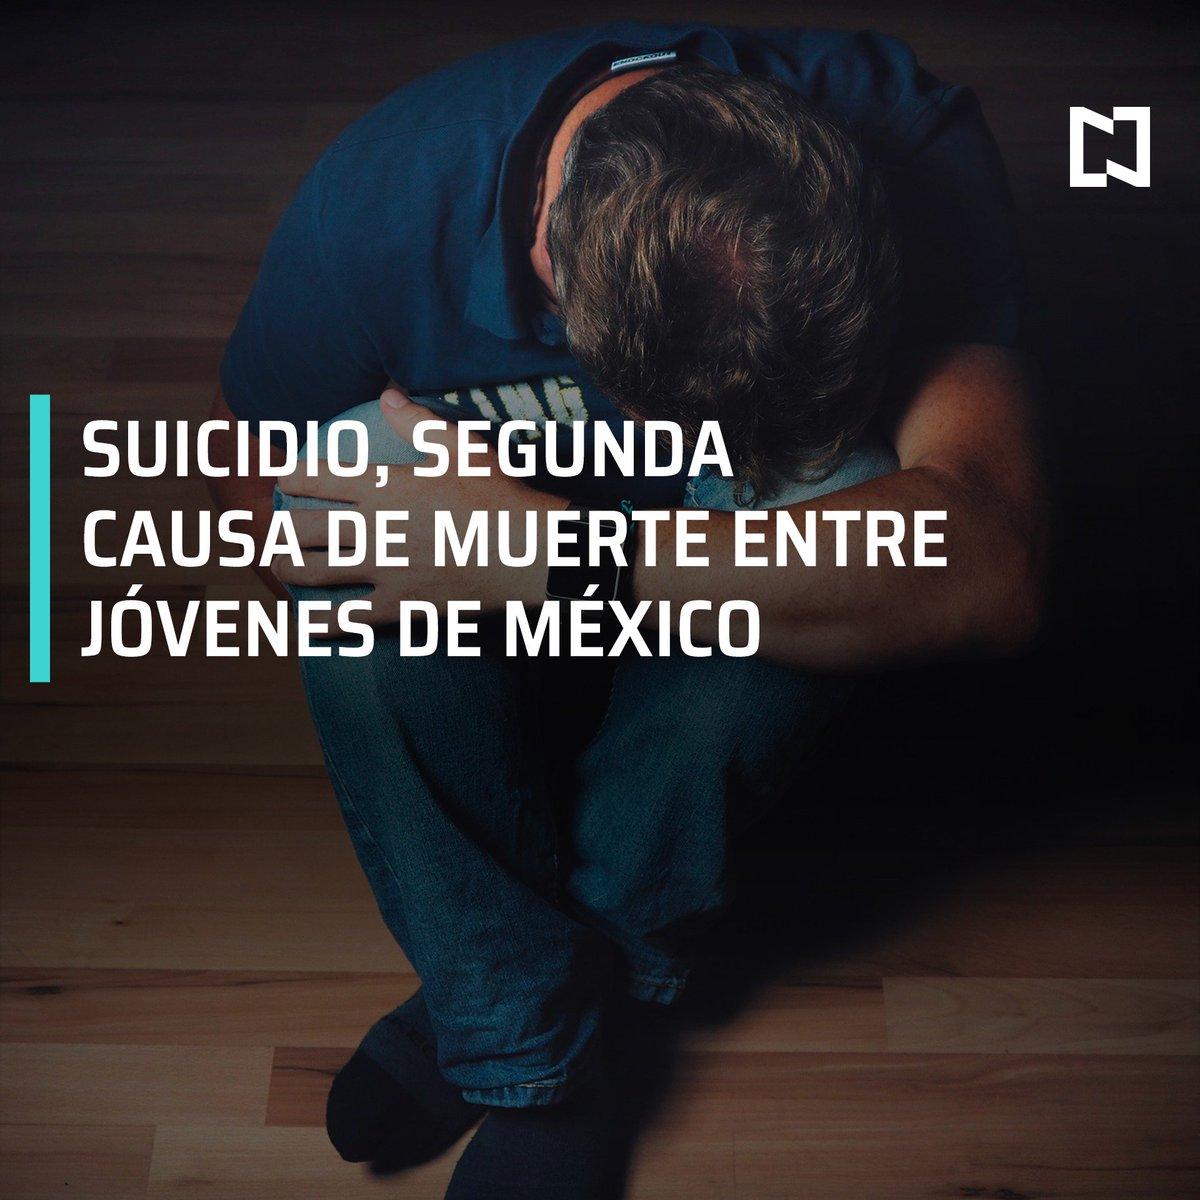 En México, el suicidio es la segunda causa de muerte entre la población joven y puede ser 100% prevenible #DespiertaConLoret con @campossuarez